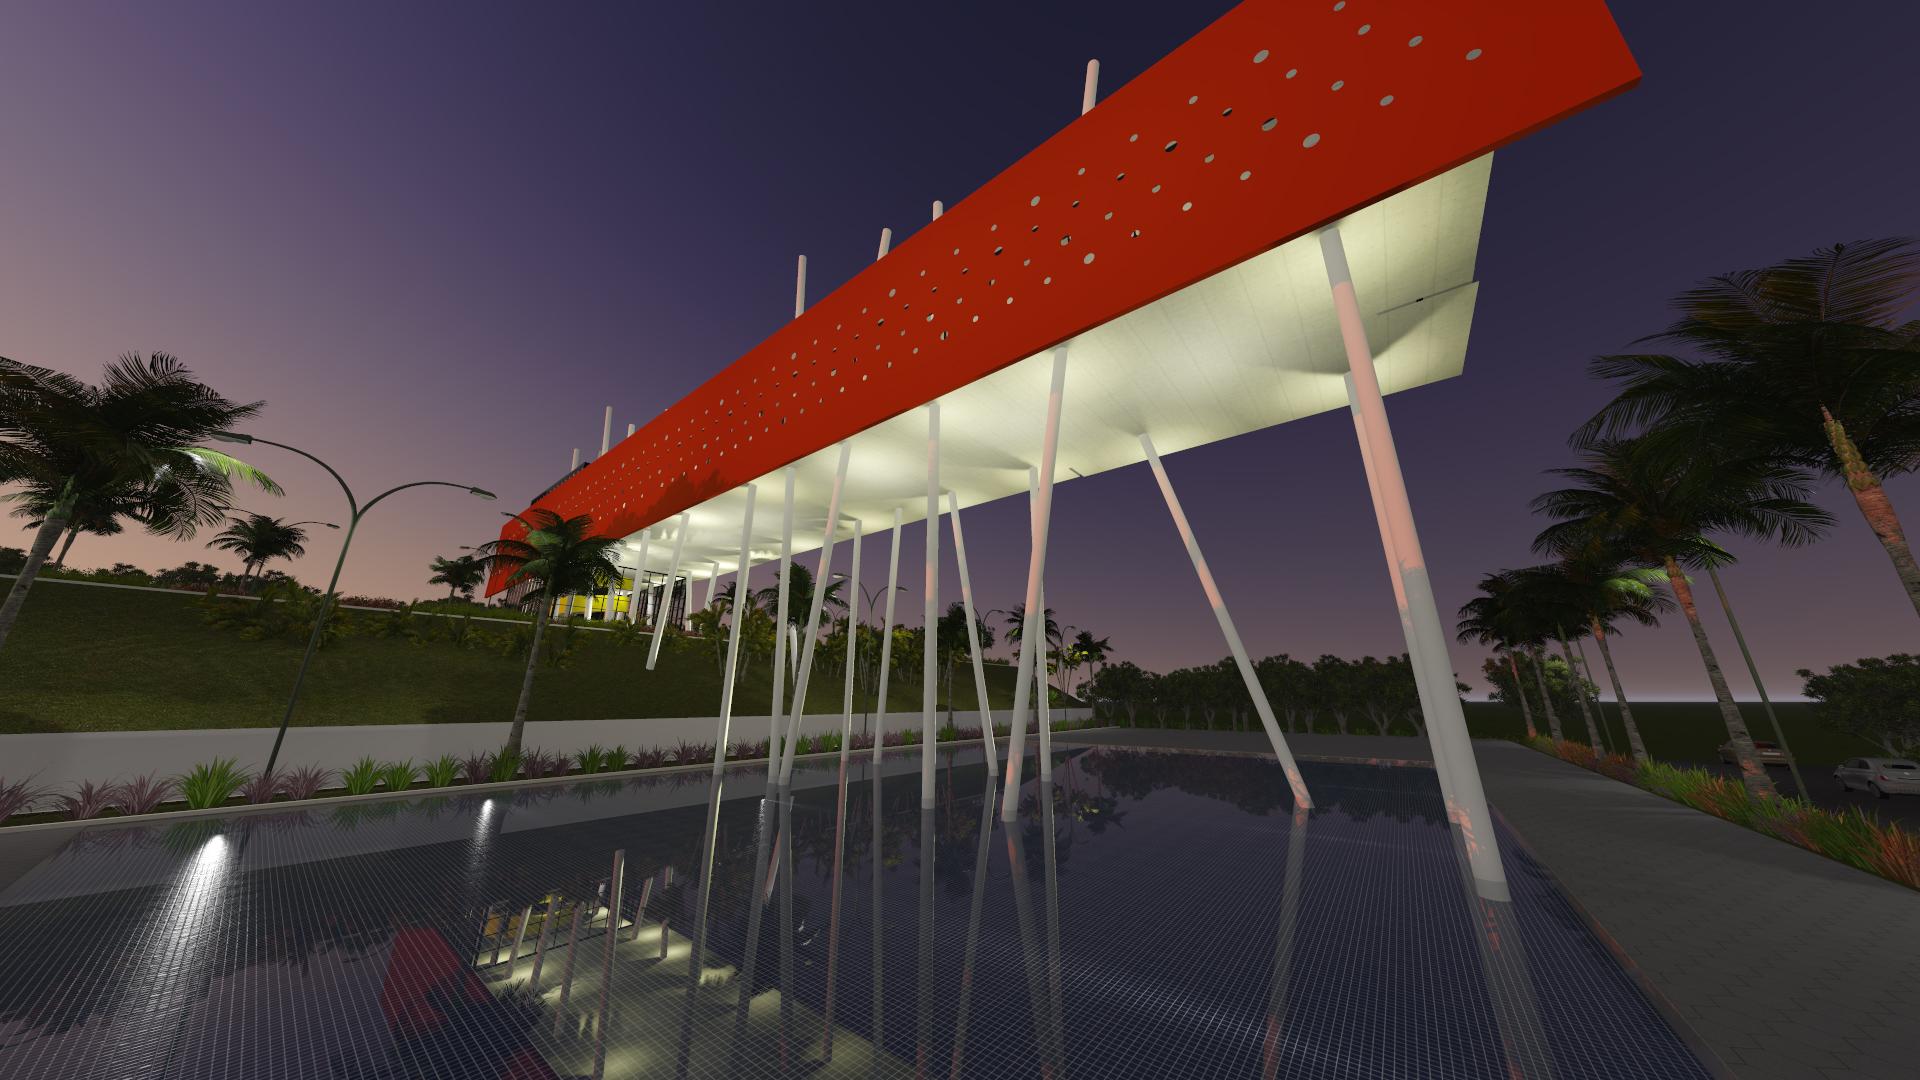 projeto-arquitetonico-museumacaiba-duo-arquitetura-04.jpg